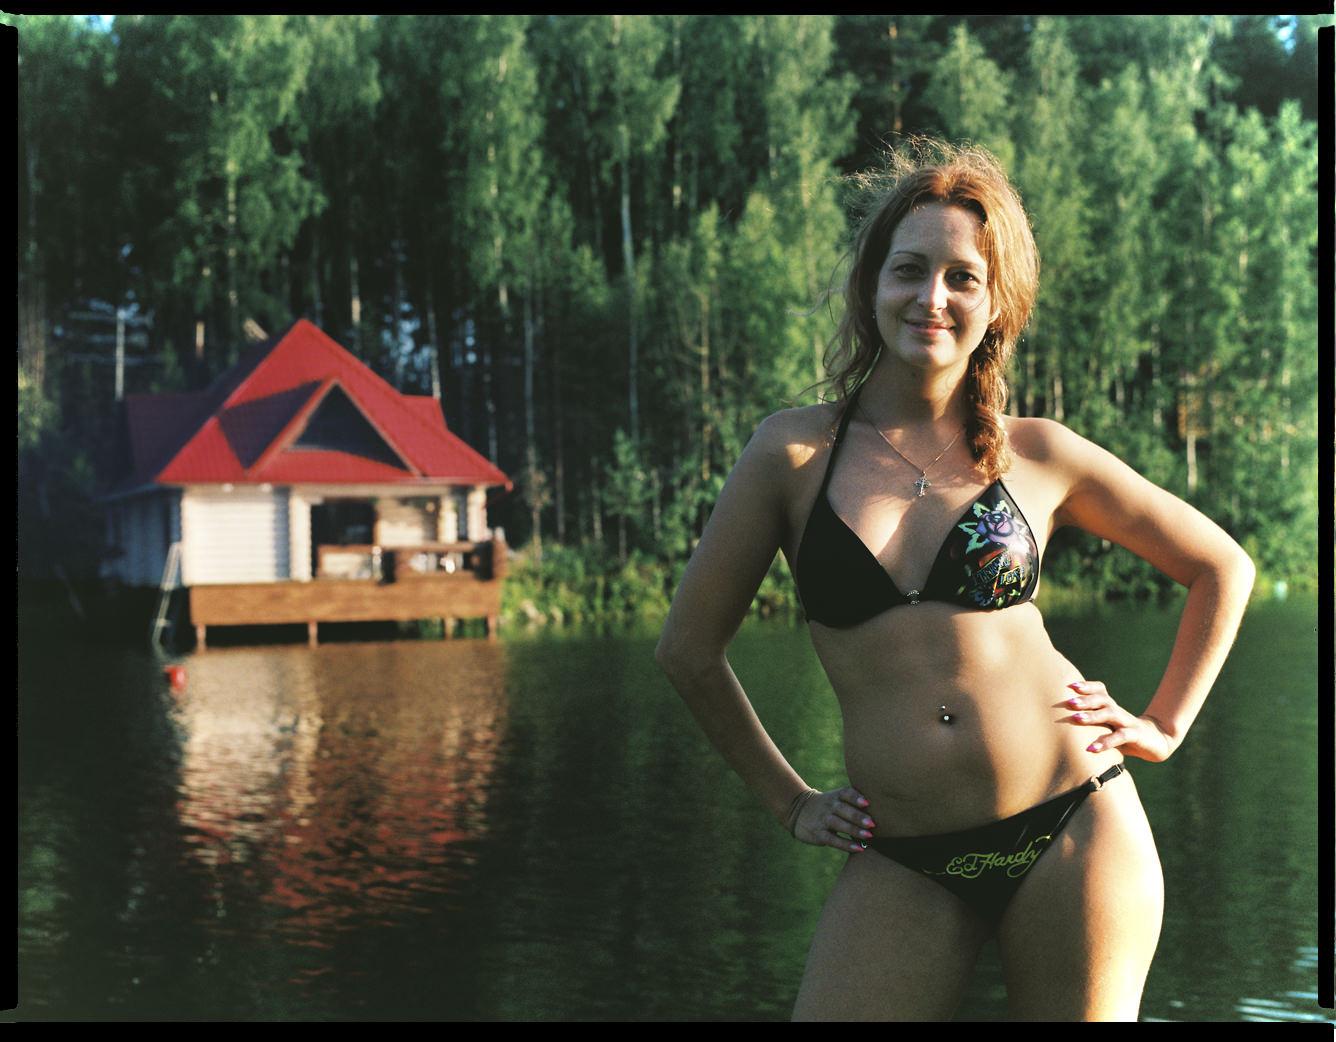 MediumFormatPatrikWallner_Yekaterinburg_RussianGirlRussianHouseLOWQ